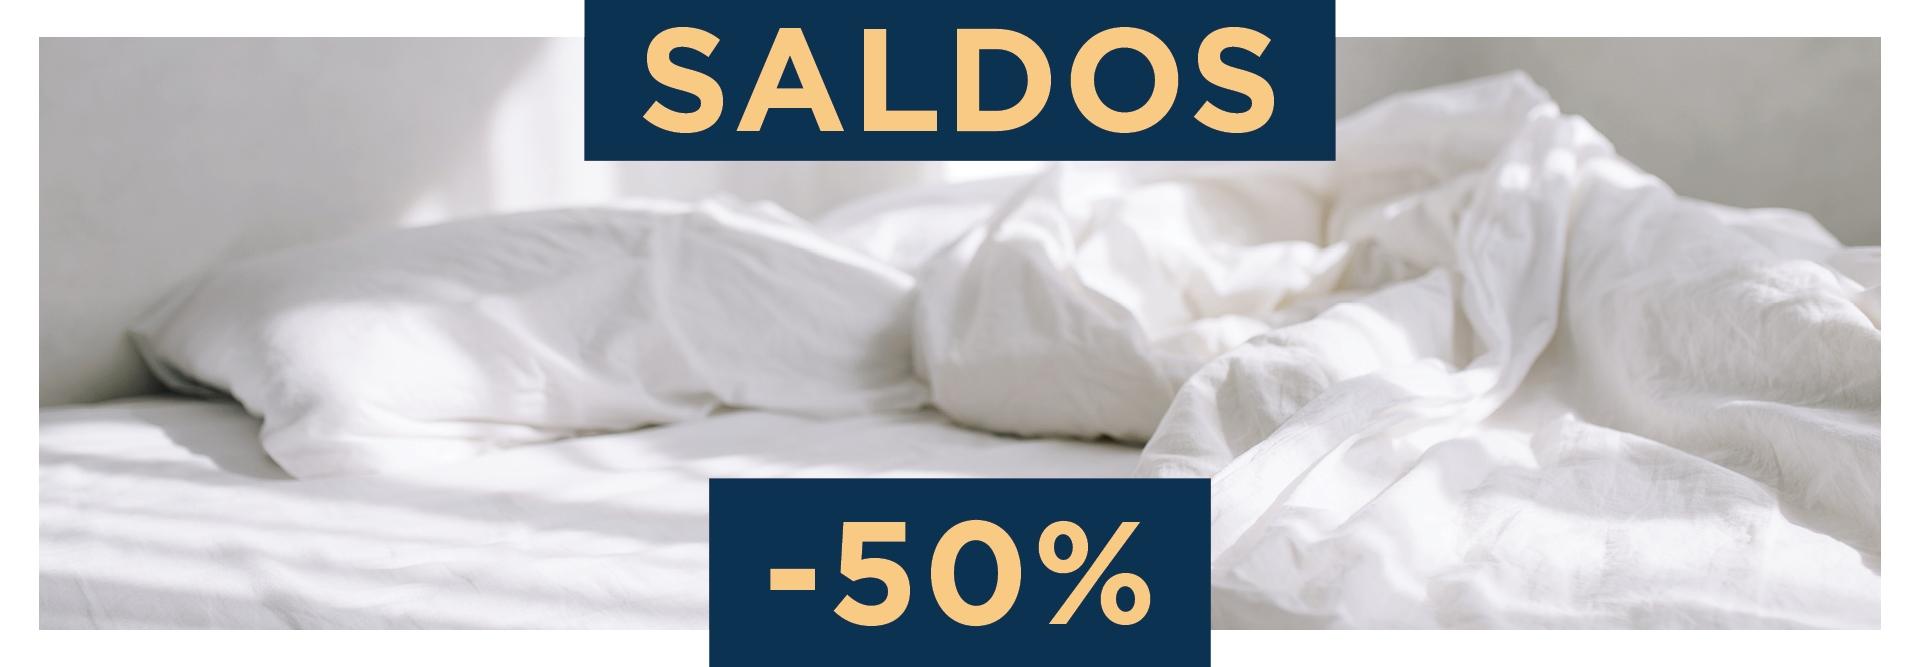 Descontos colchões Noctália 50 %